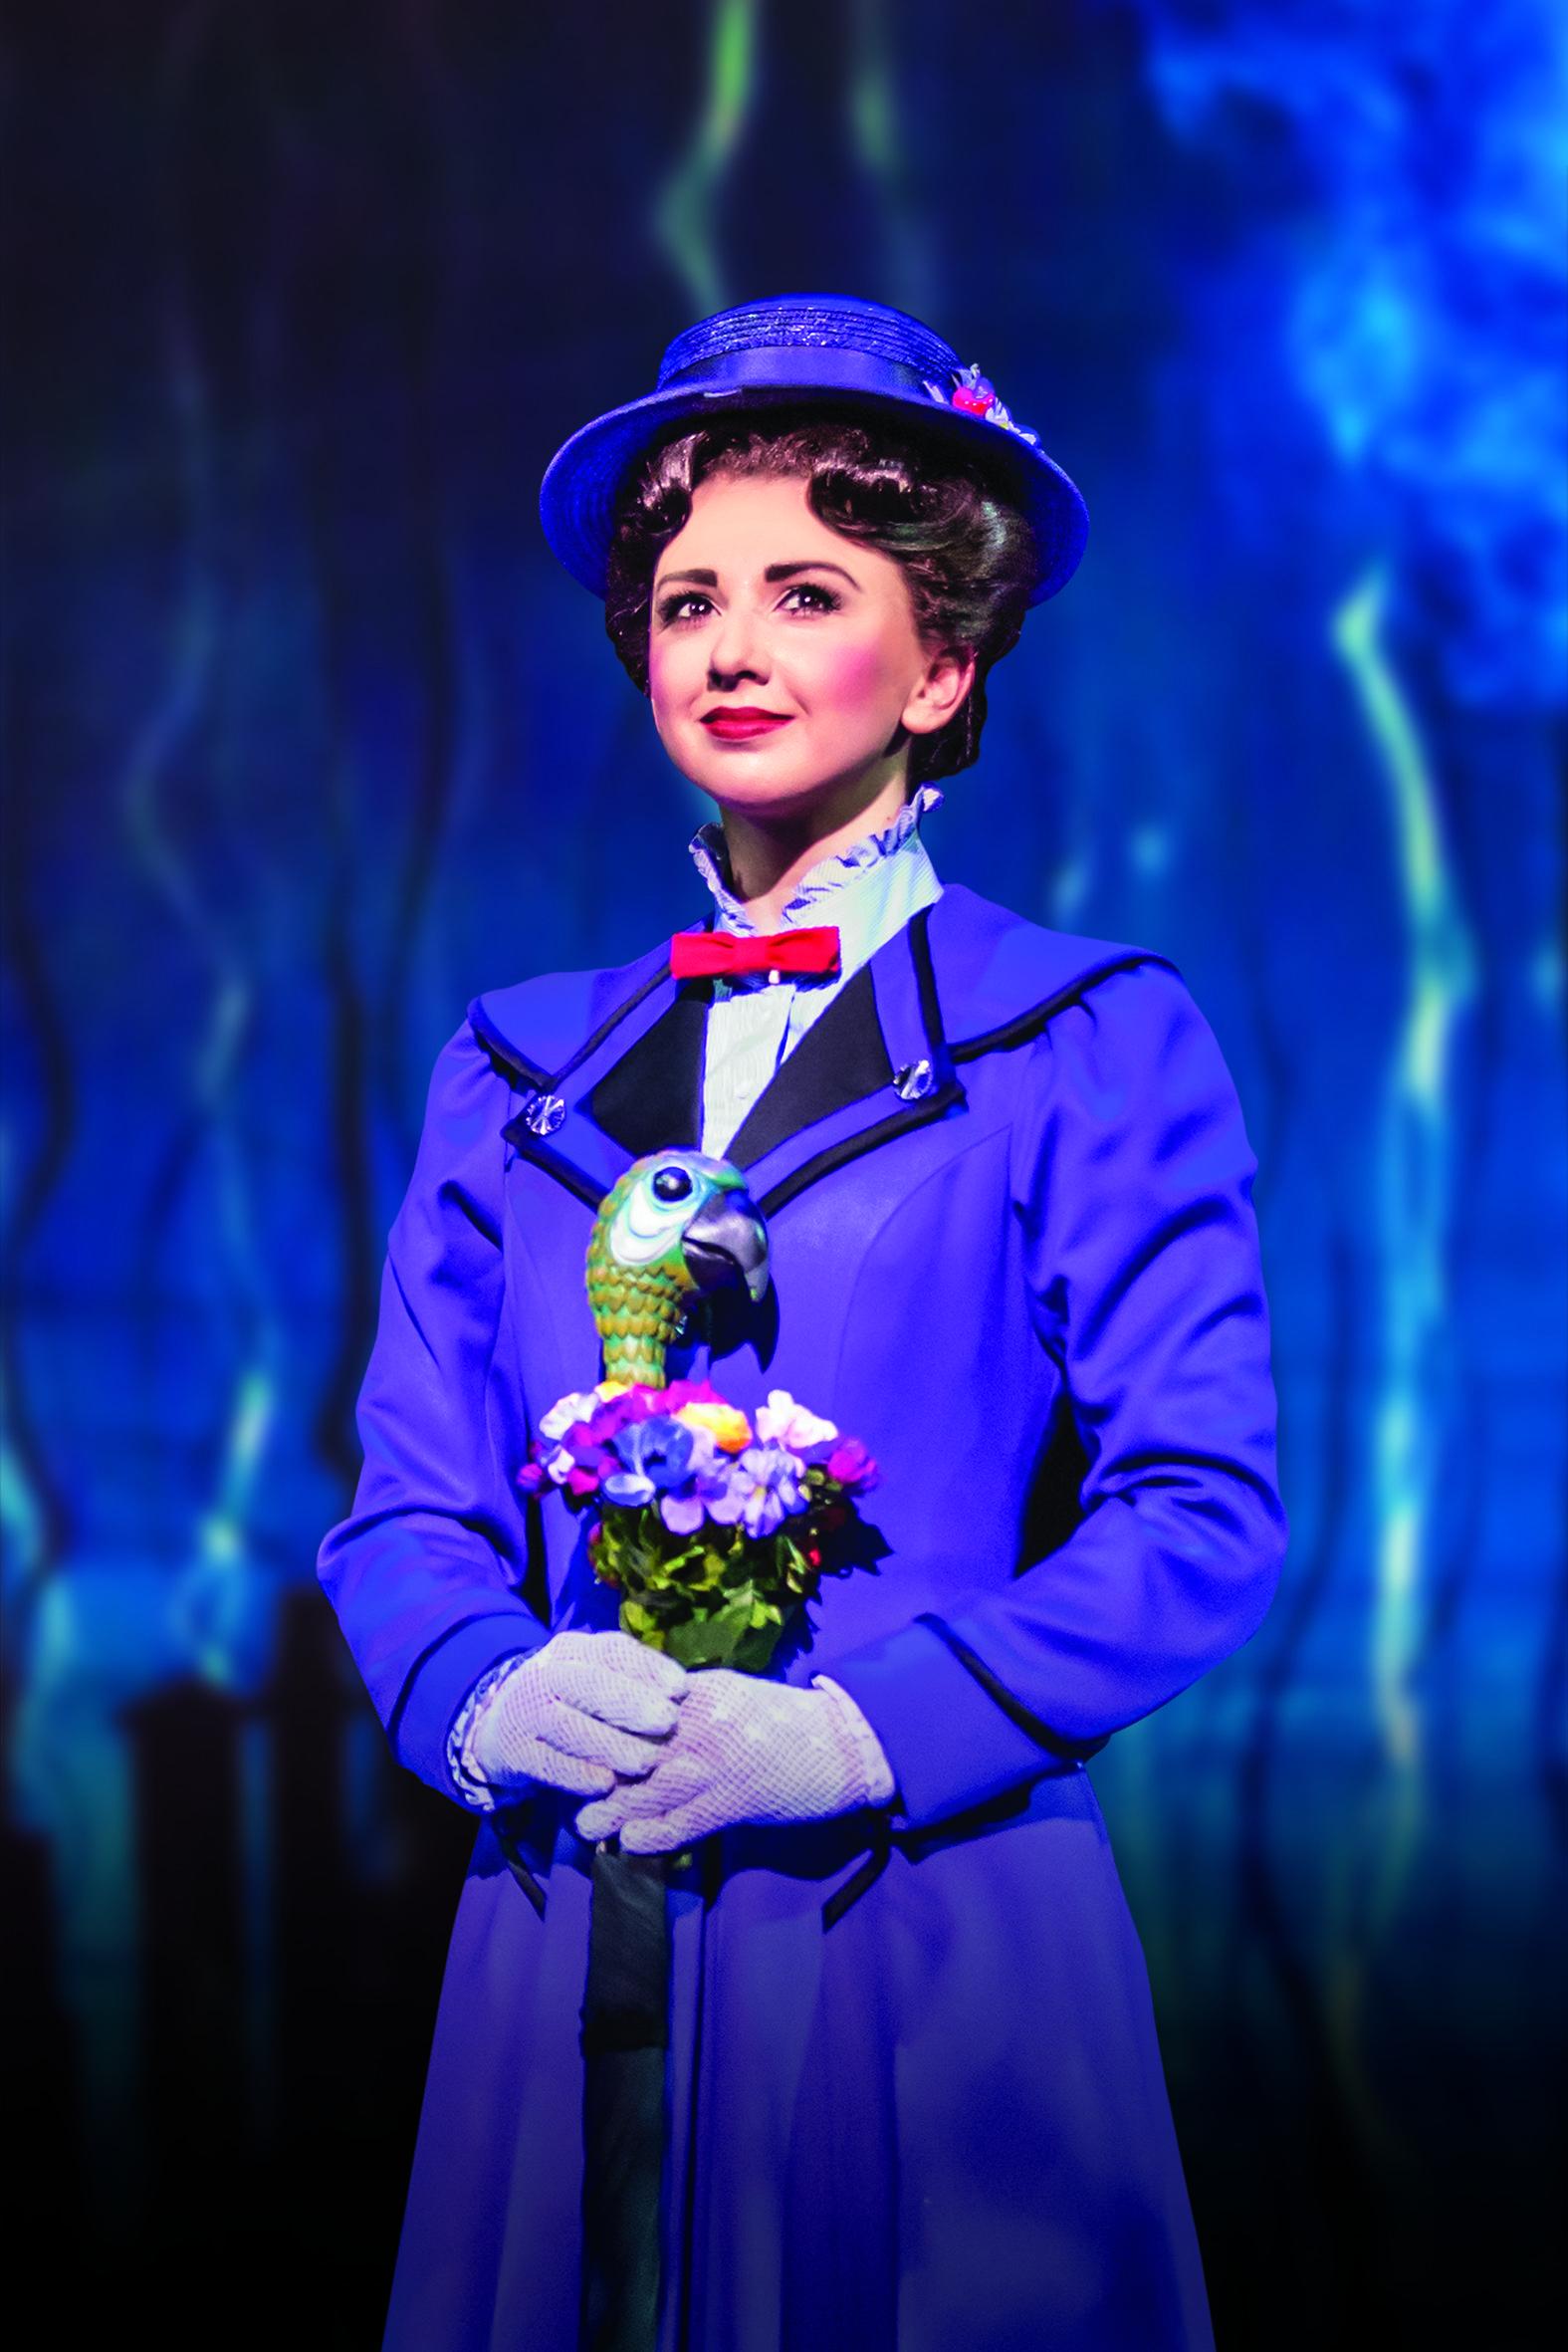 mary poppins musical stuttgart # 2